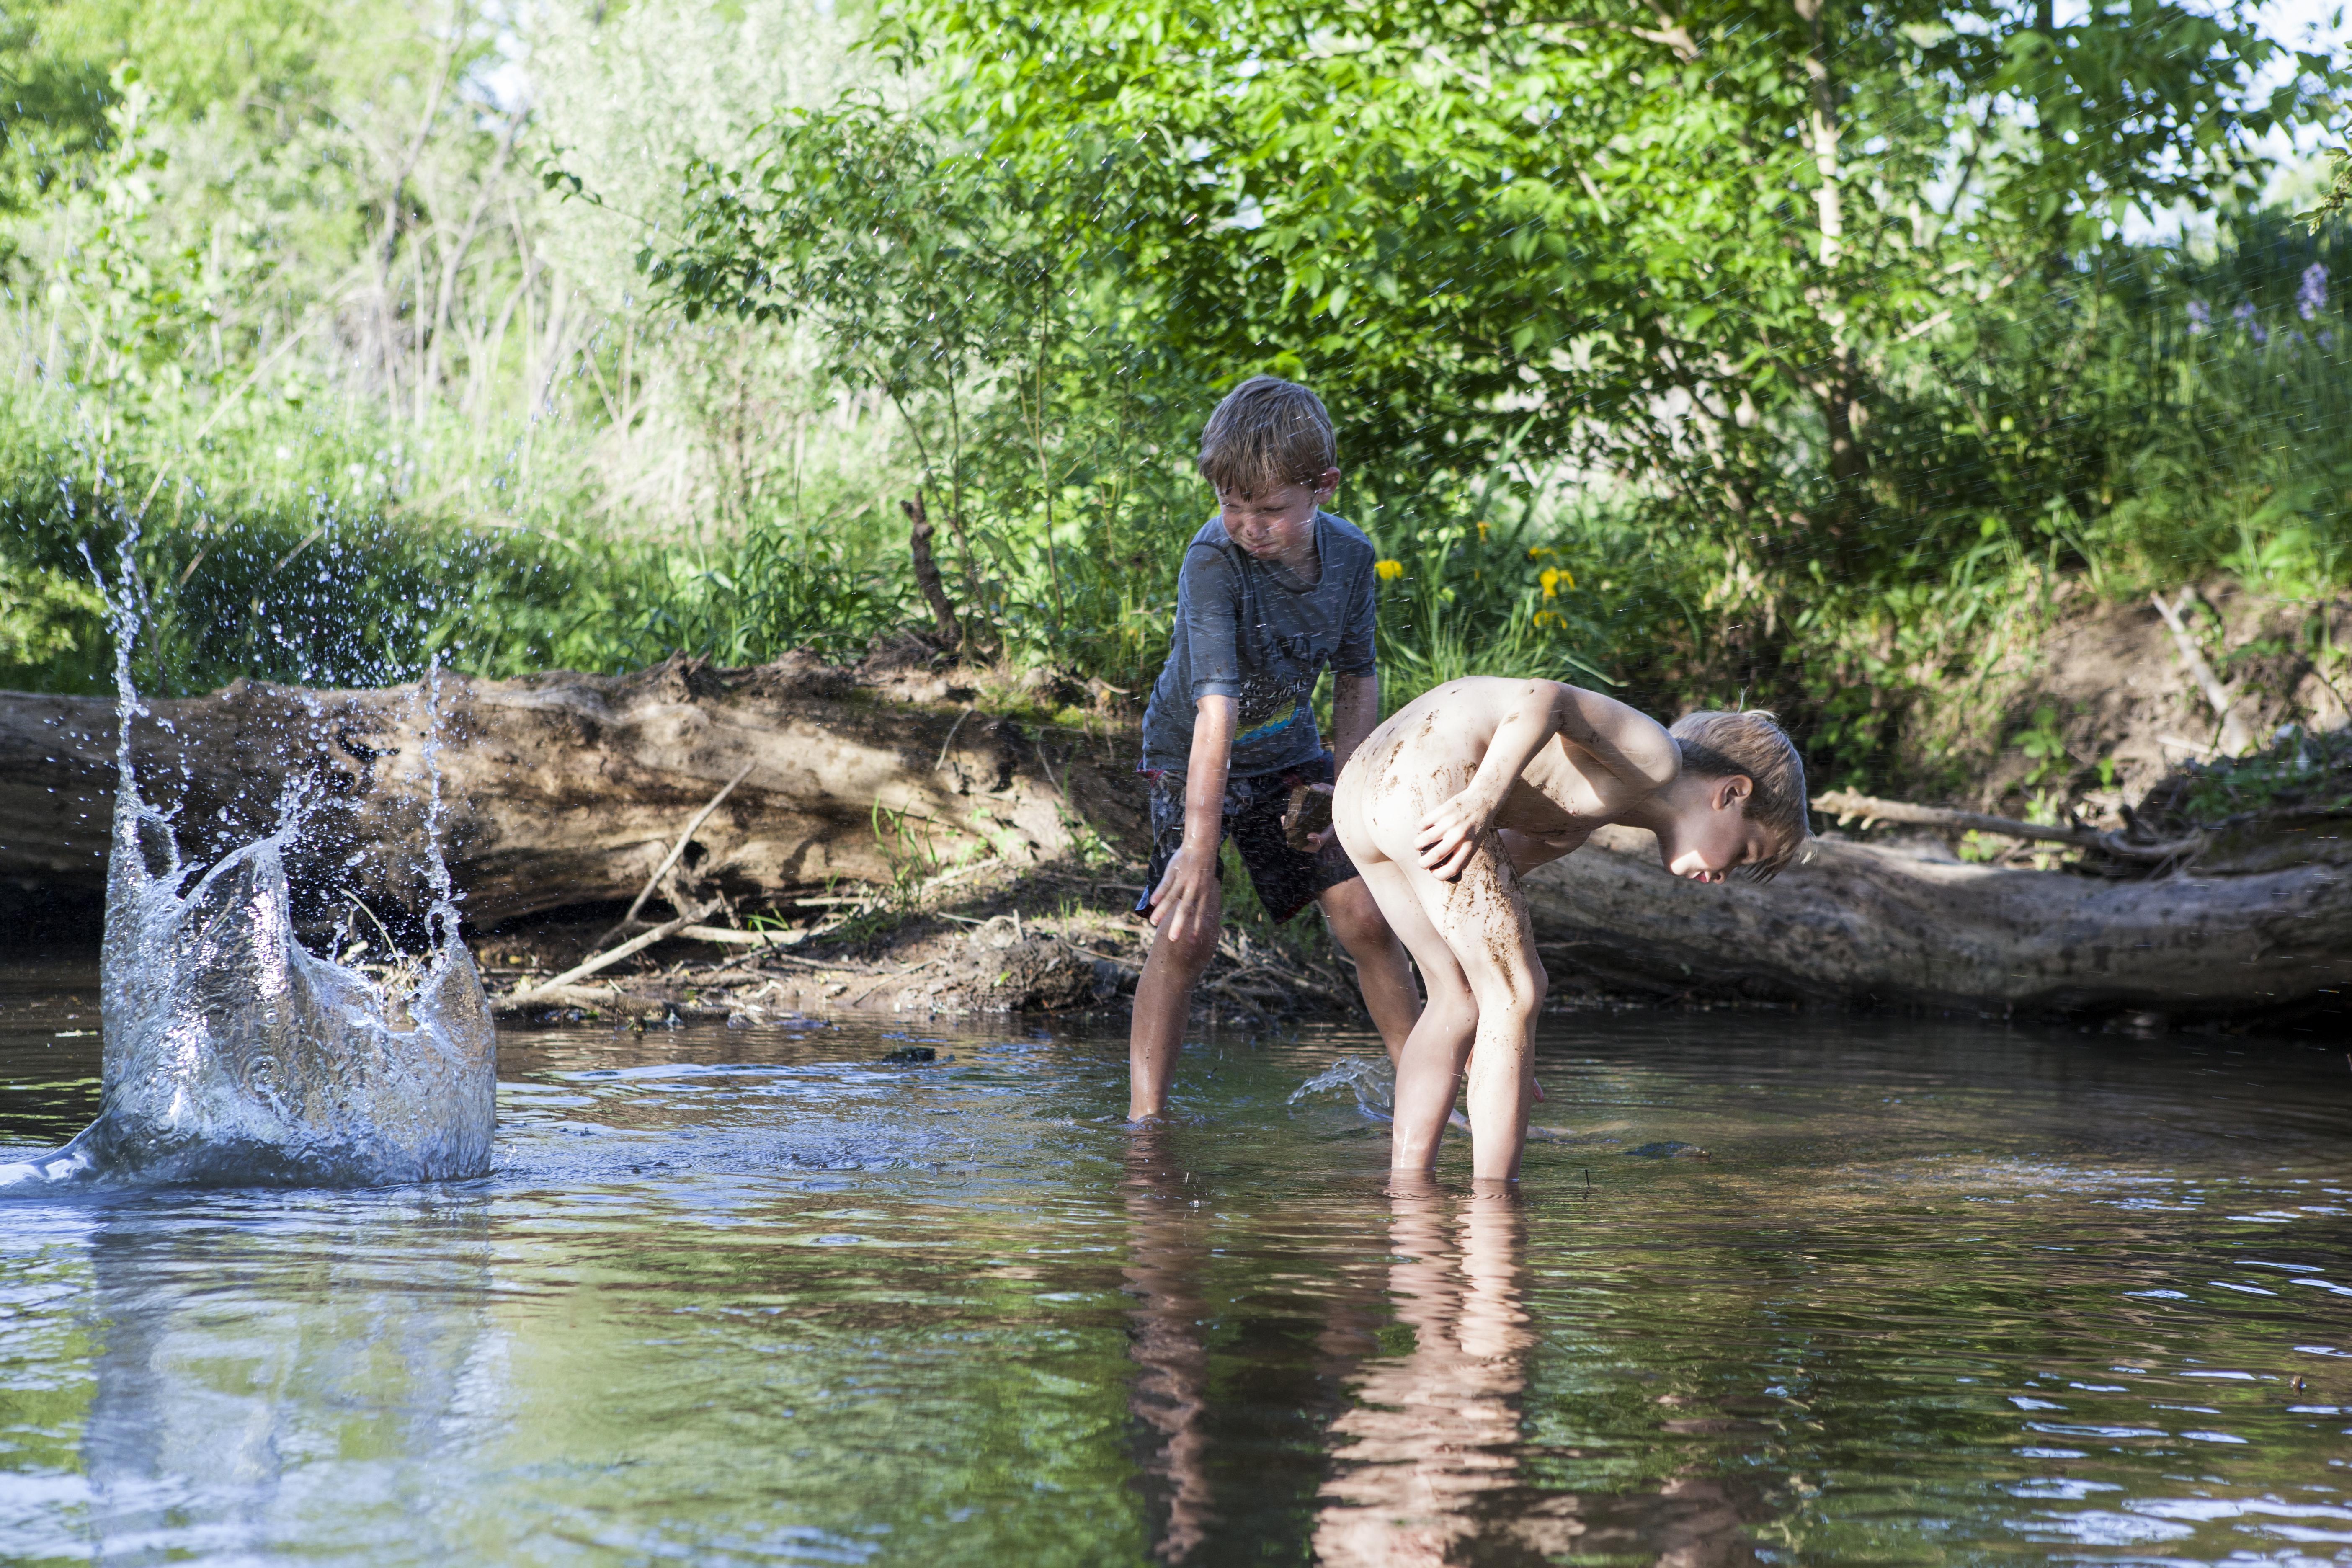 Friends in a Creek